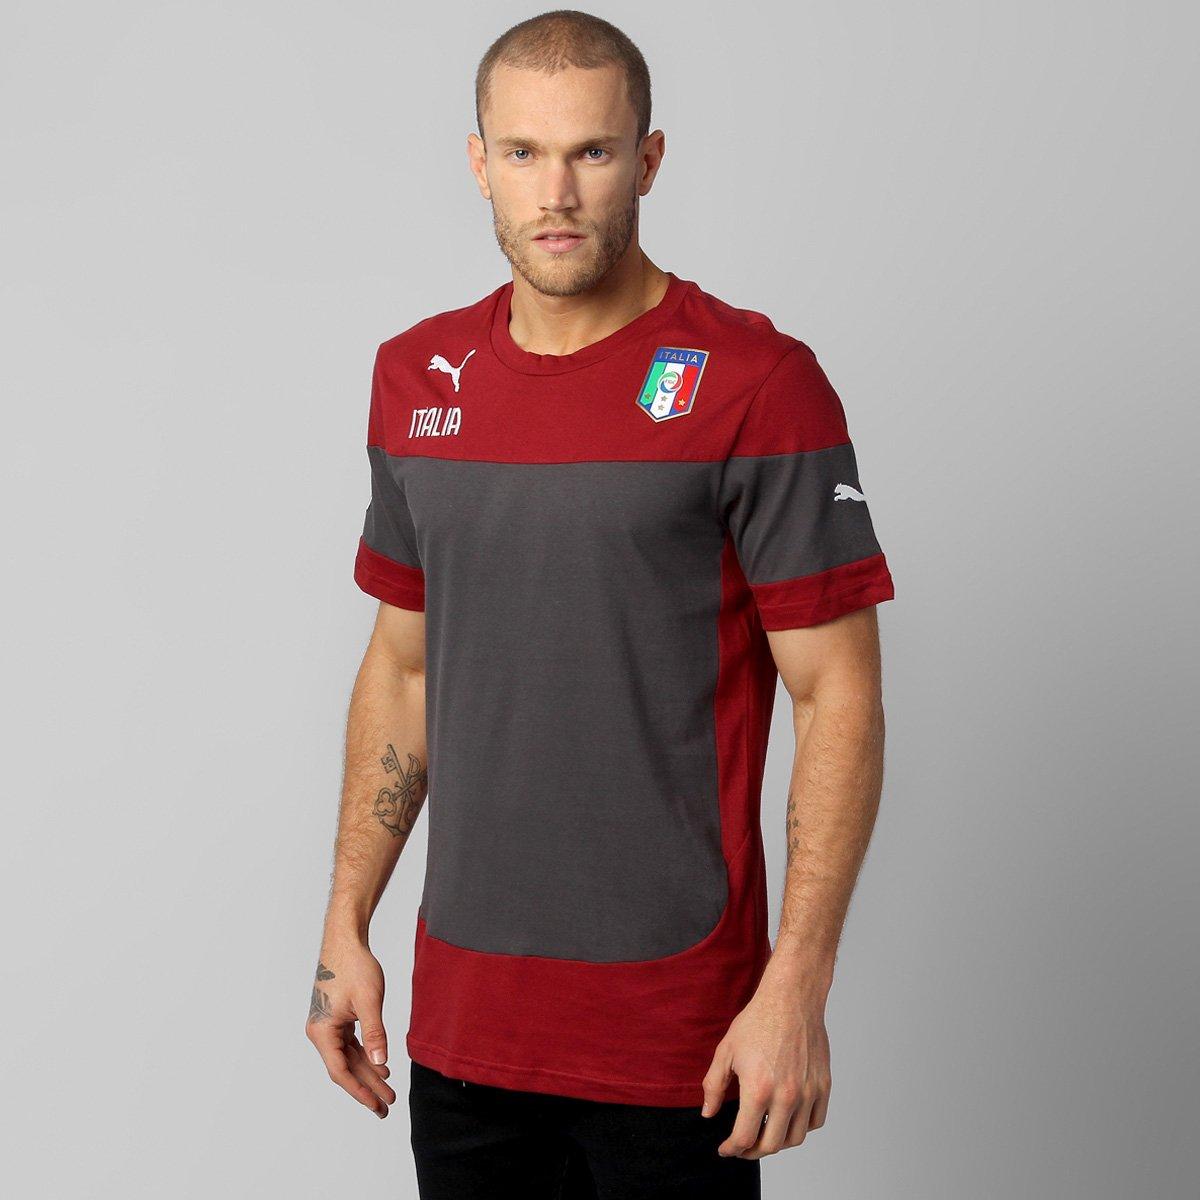 Camisa Puma Seleção Itália Viagem 2014 - Compre Agora  a81c699753224